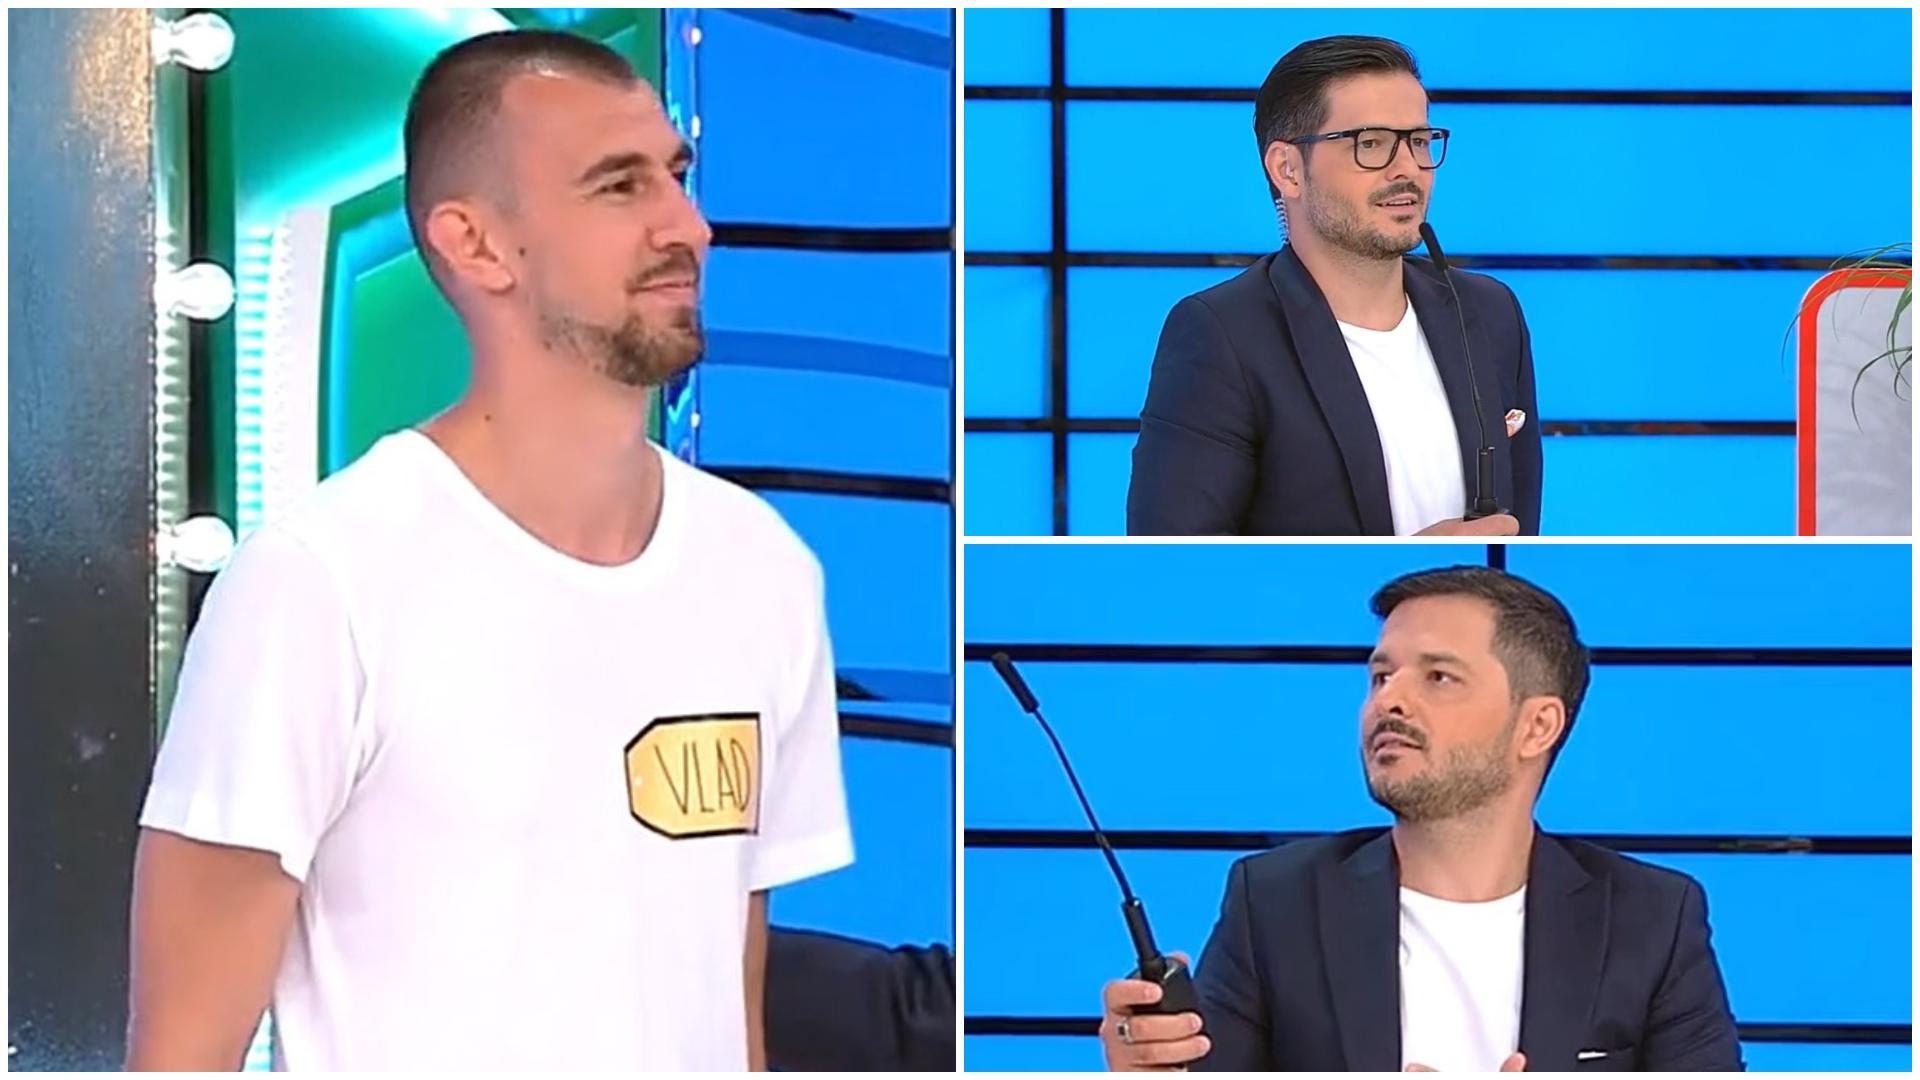 """Prețul cel bun, 30 septembrie 2021. Liviu Vârciu a rămas fără cuvinte când a văzut cât de înalt este Vlad: """"Tu n-ai nicio vină"""""""